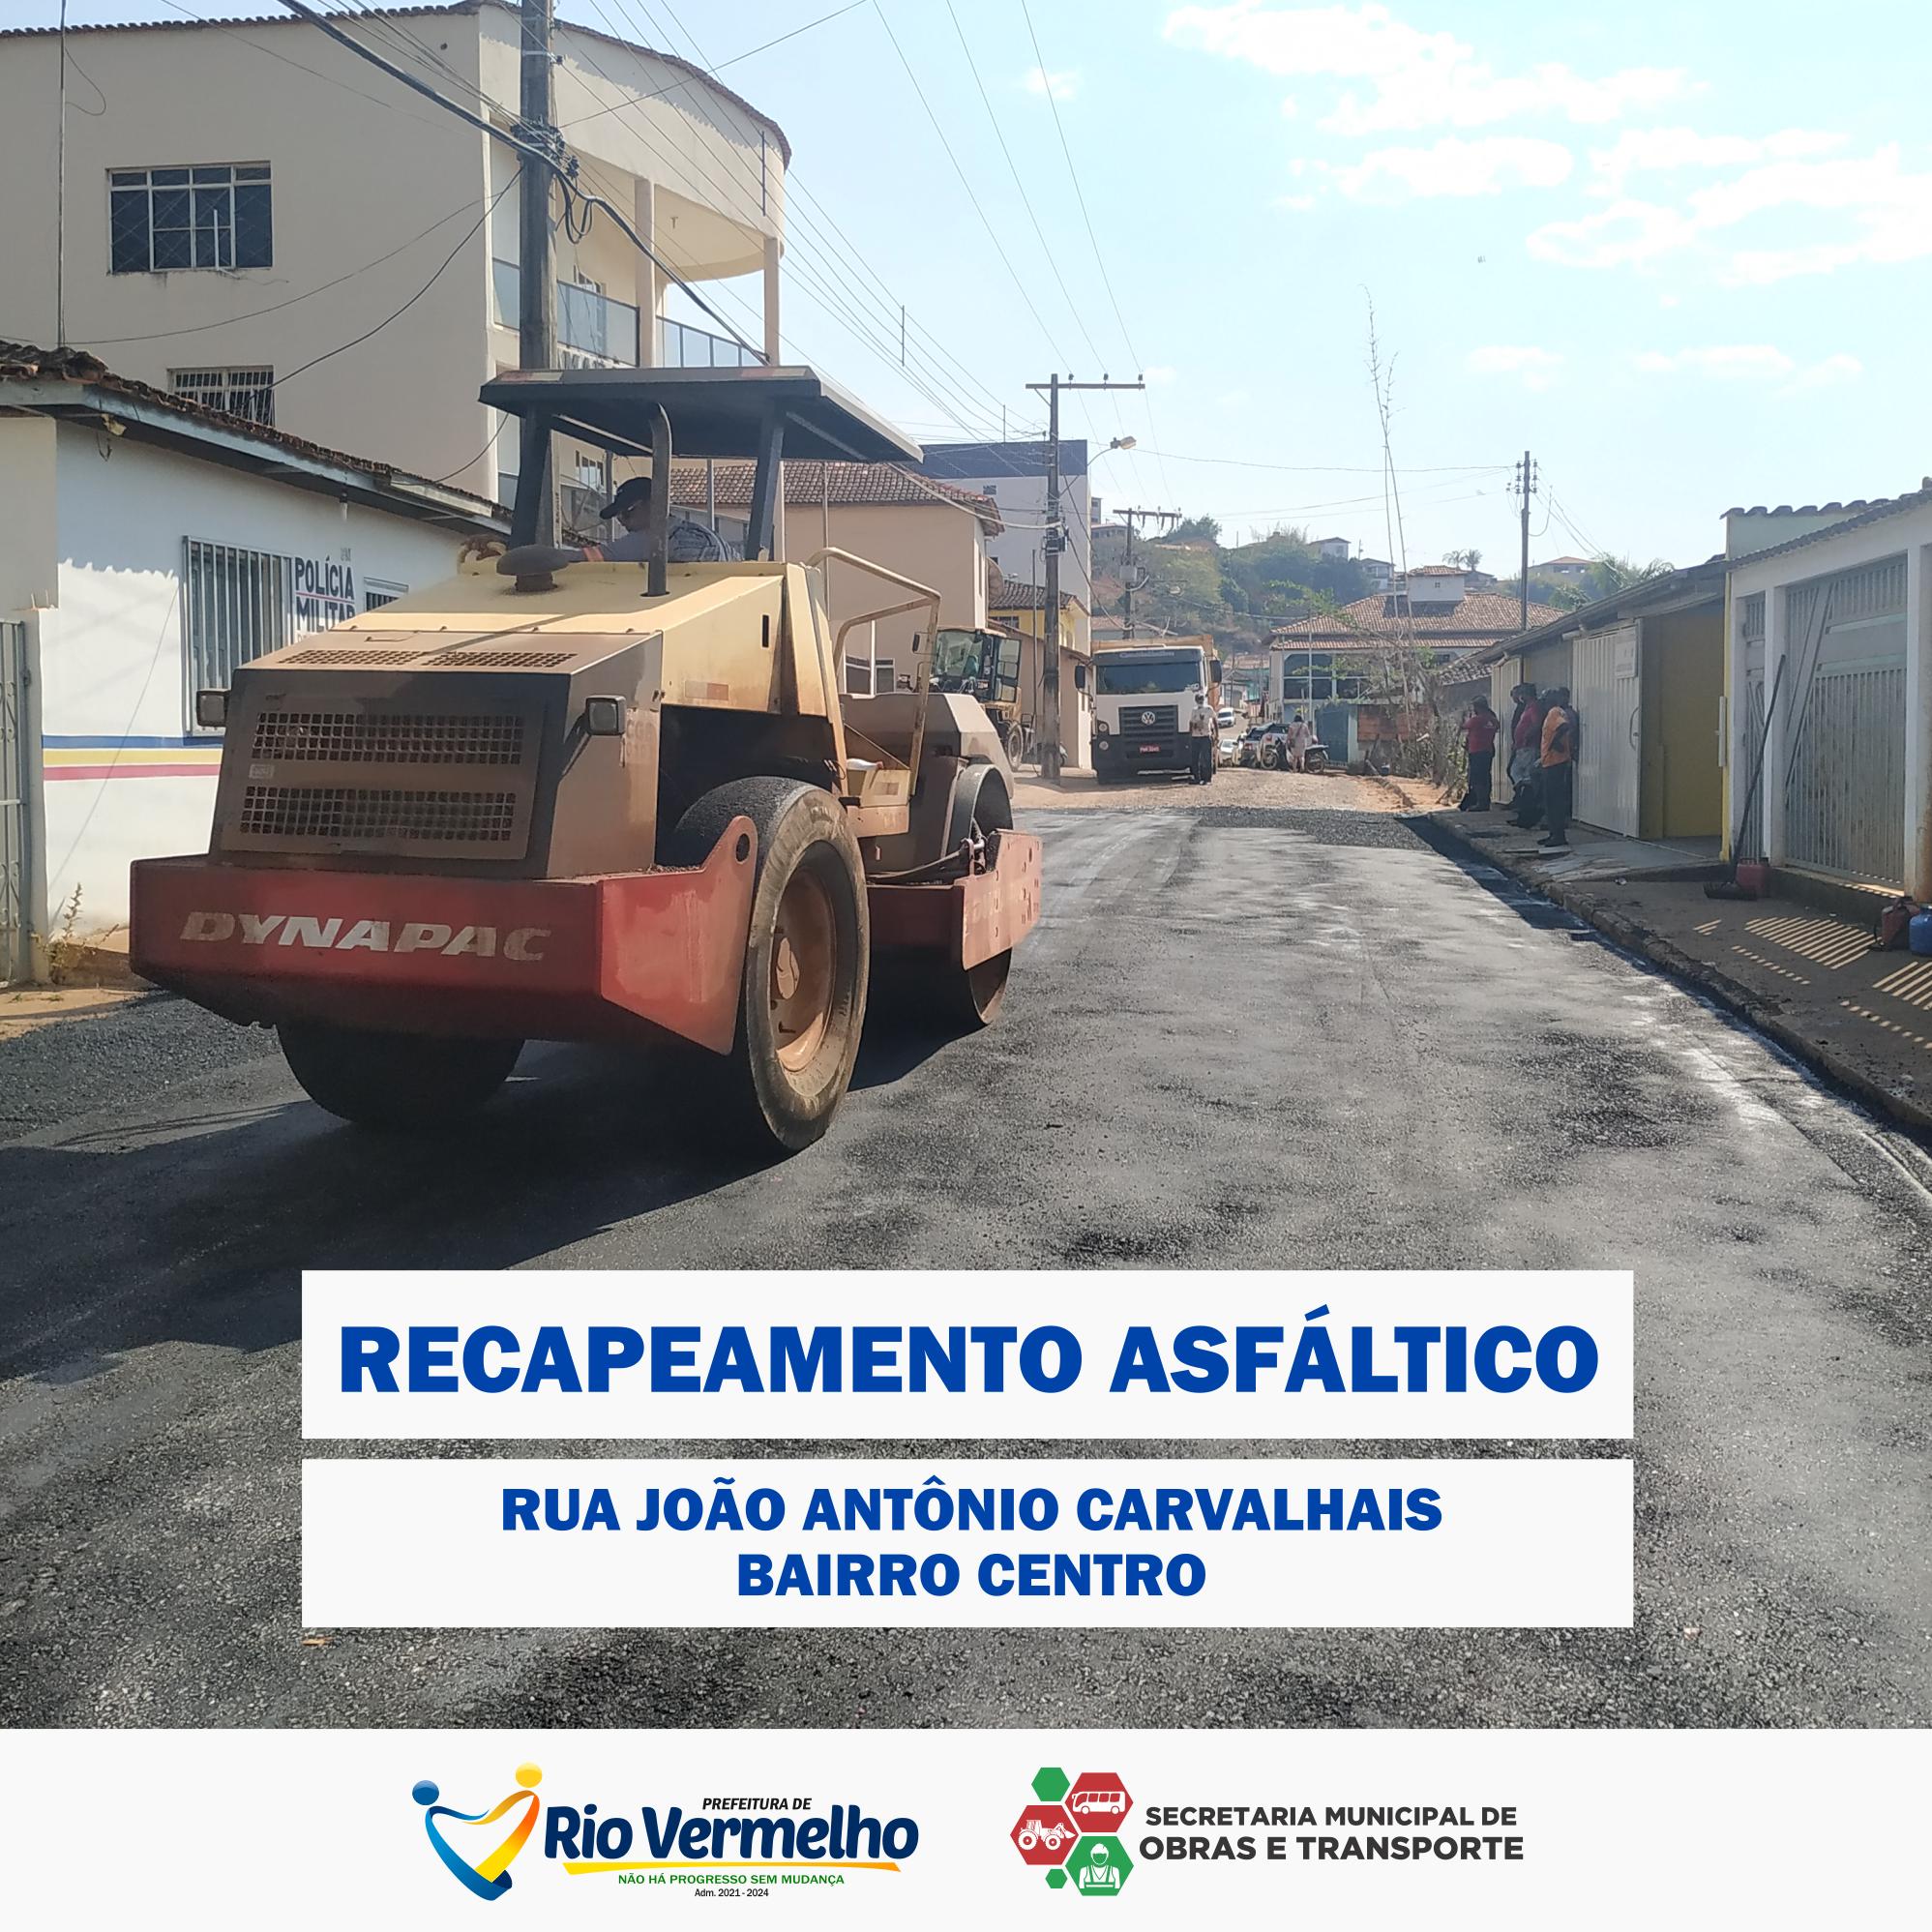 RECAPEAMENTO DA RUA JOÃO ANTÔNIO CARVALHAIS